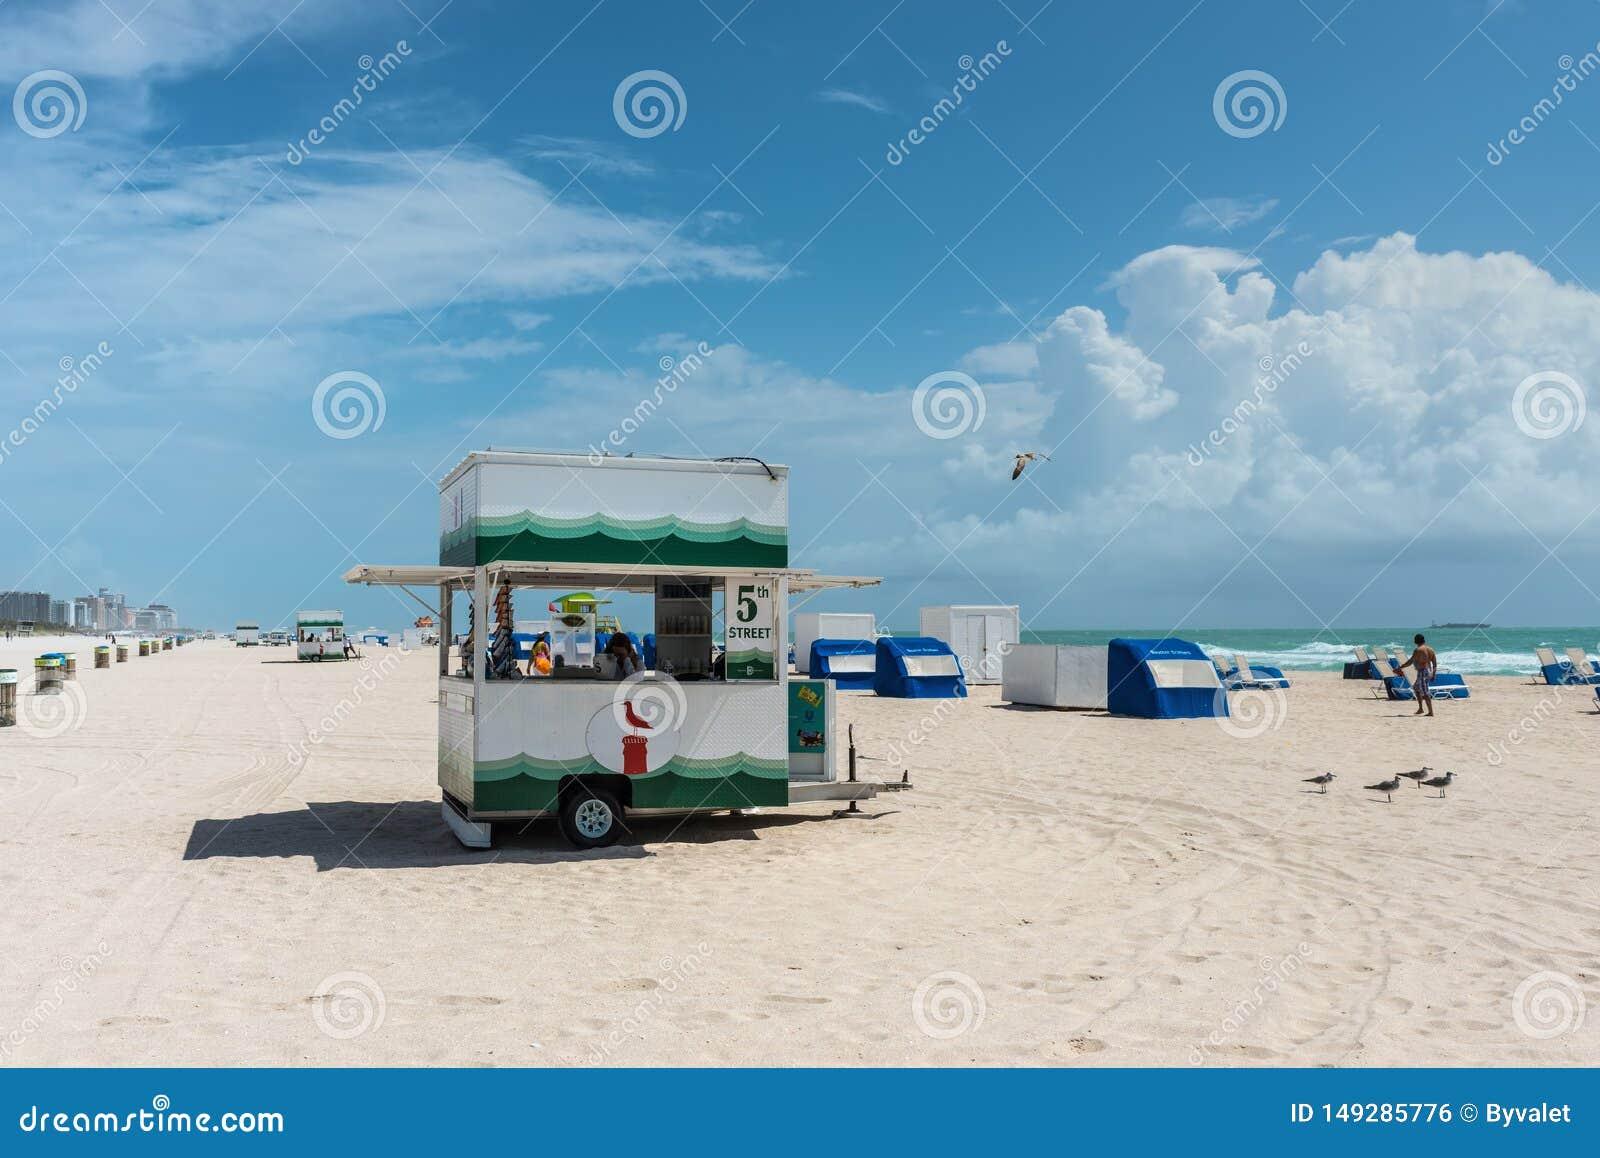 Po?udnie pla?a w Miami, Floryda, Stany Zjednoczone Ameryka